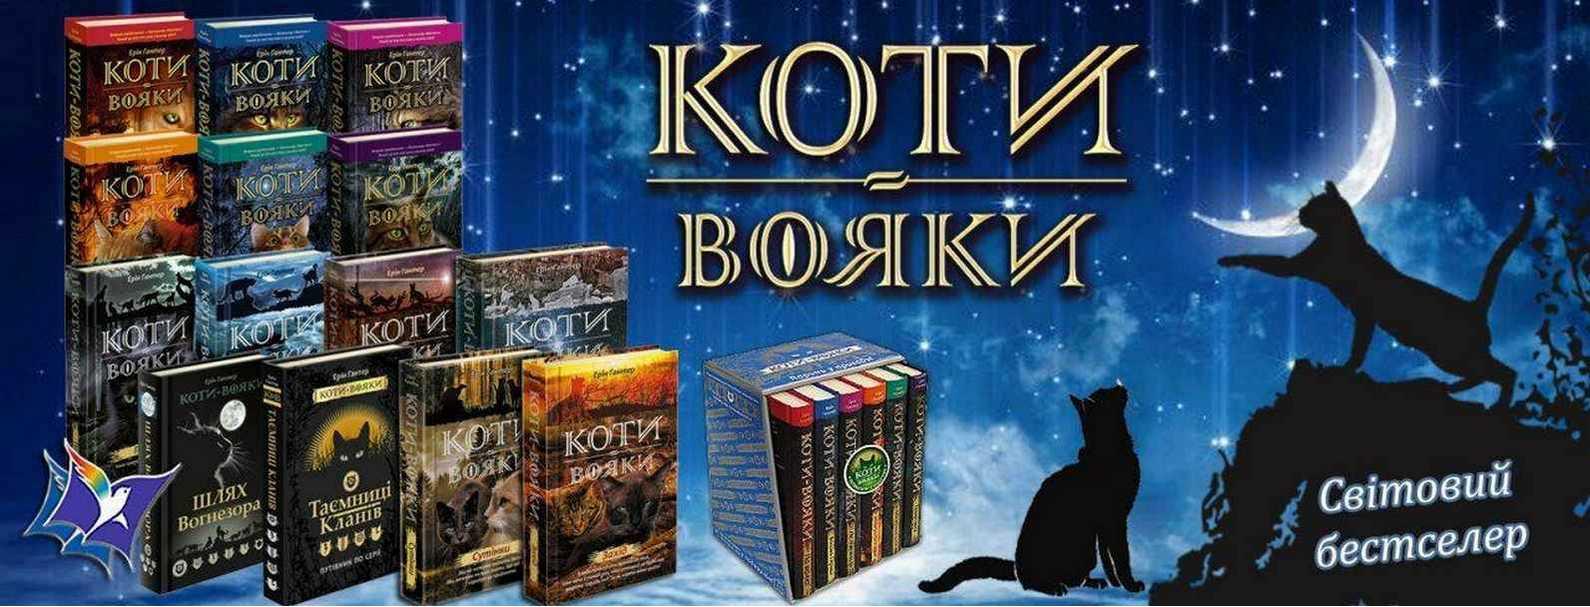 kotu-voyaki